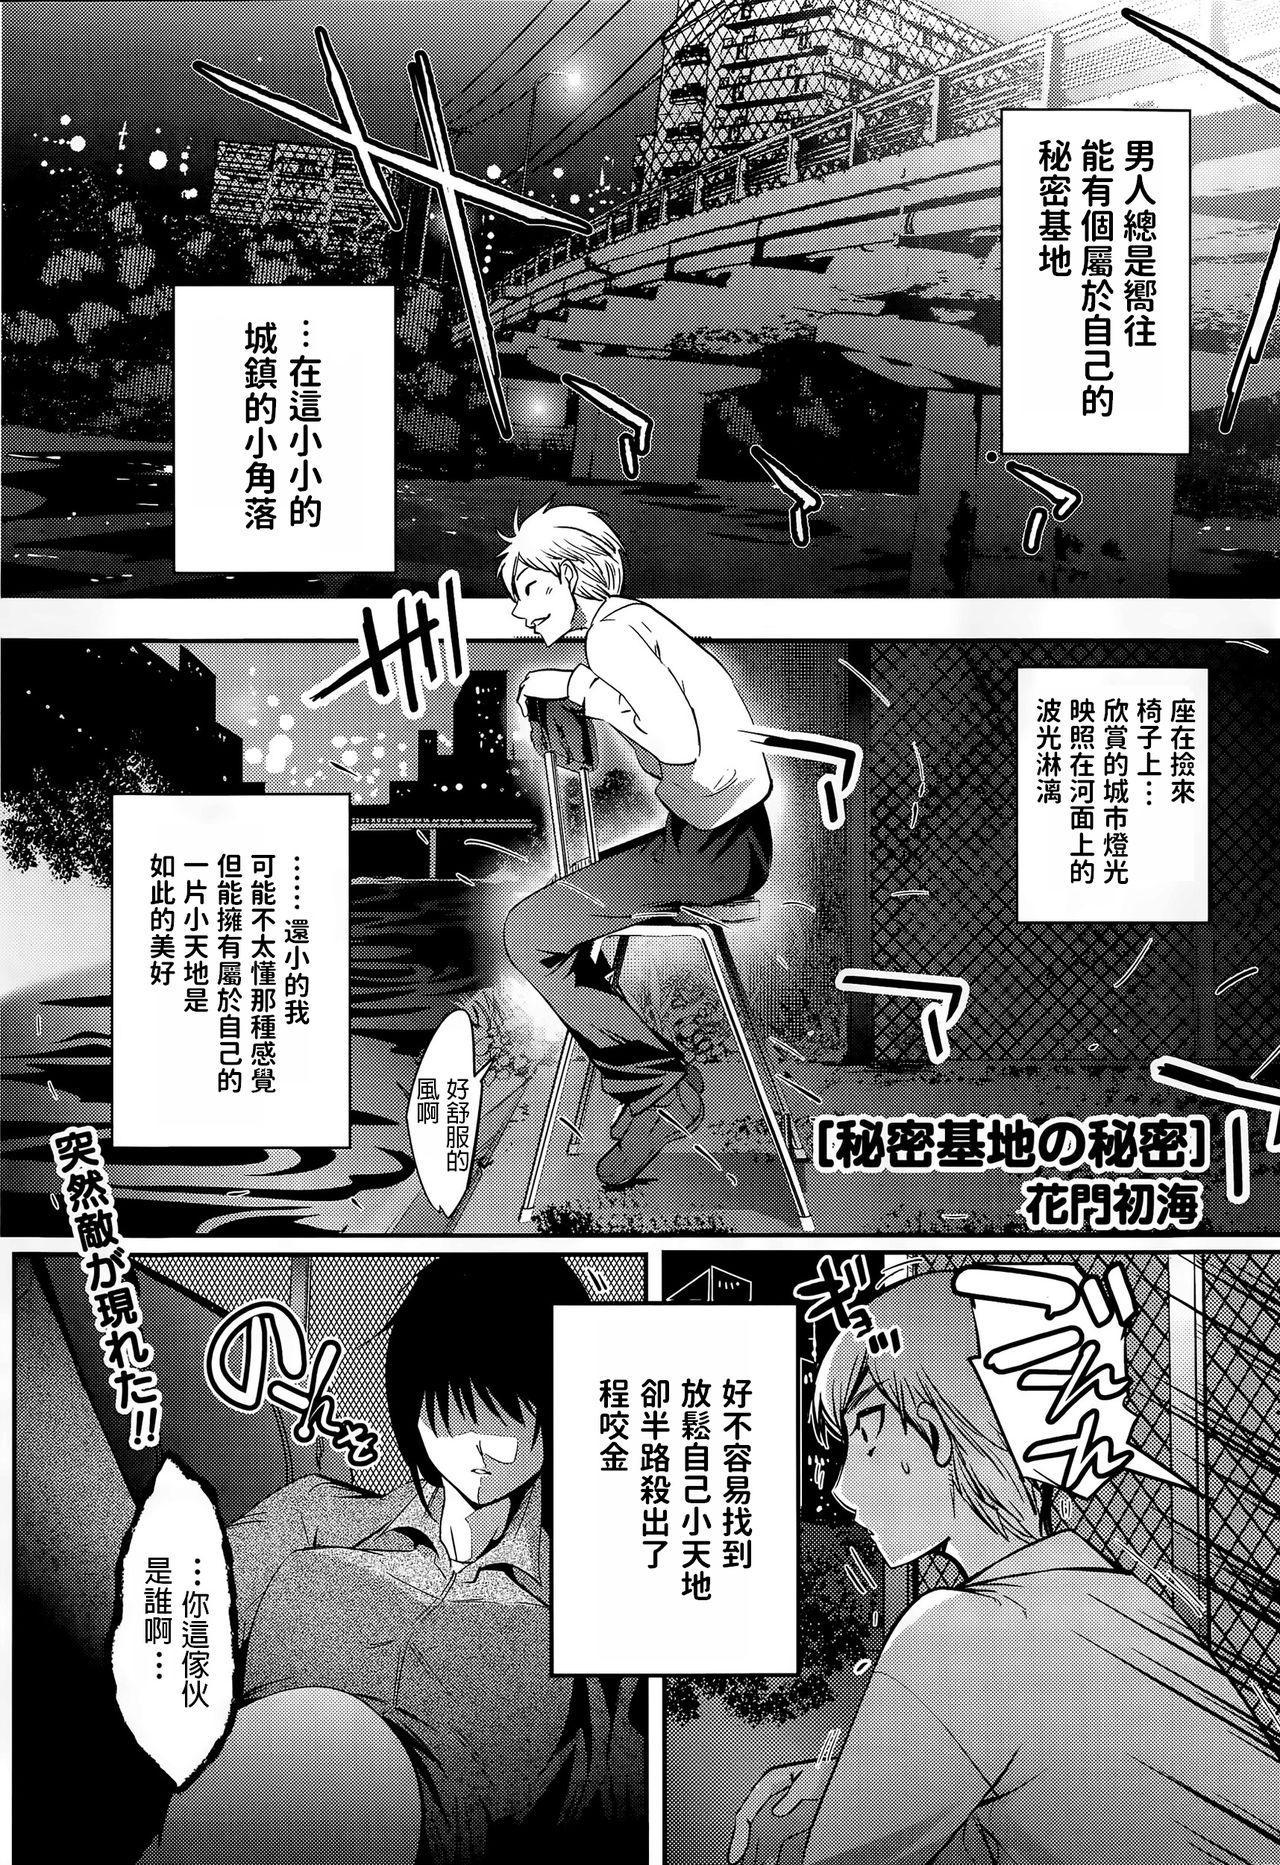 Himitsu Kichi no Himitsu 0